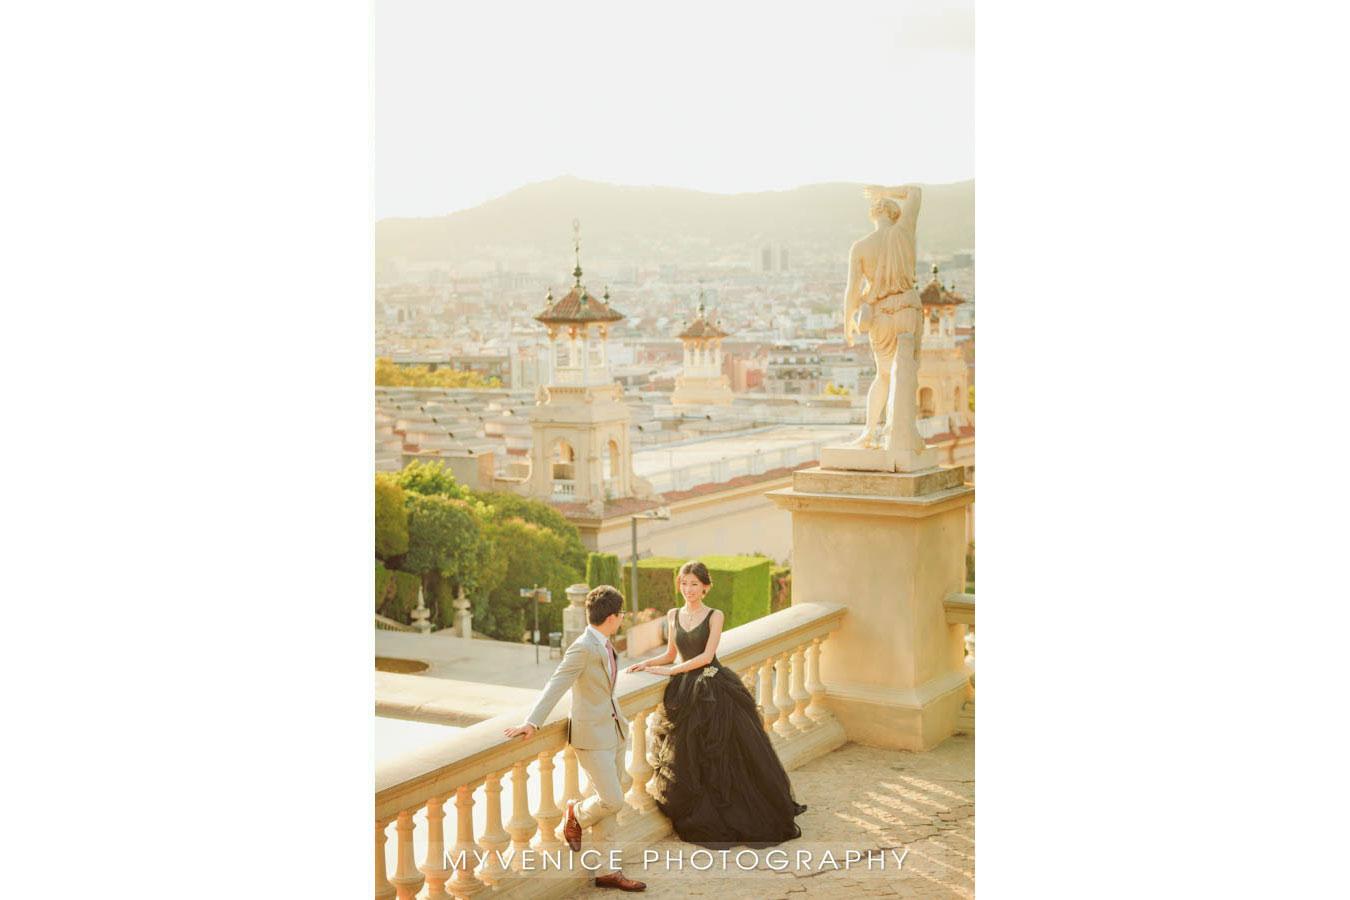 欧洲旅拍,欧洲婚纱照,西班牙旅拍,巴塞罗那婚纱